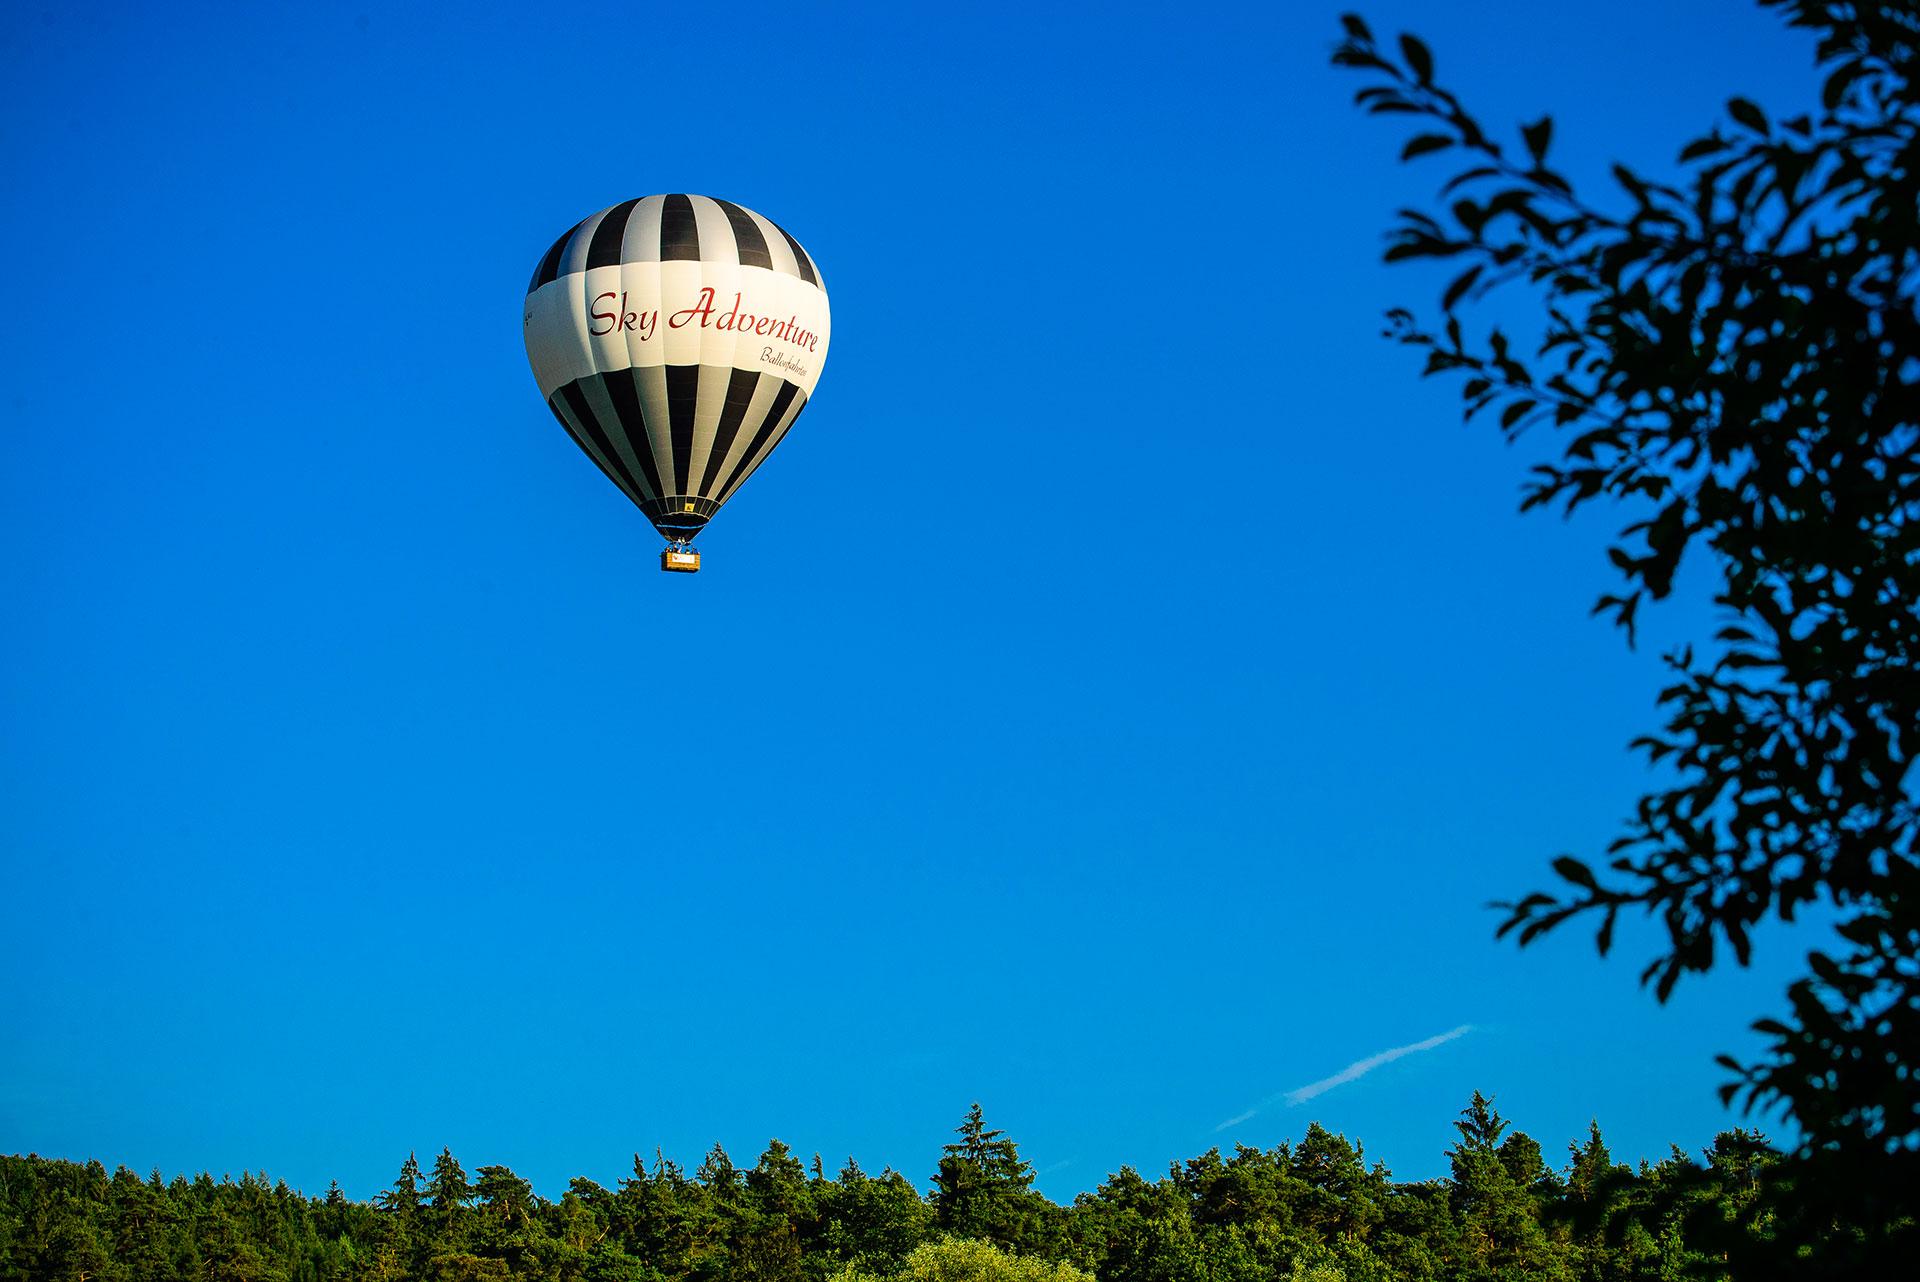 Ballonfahrt in Bodennähe